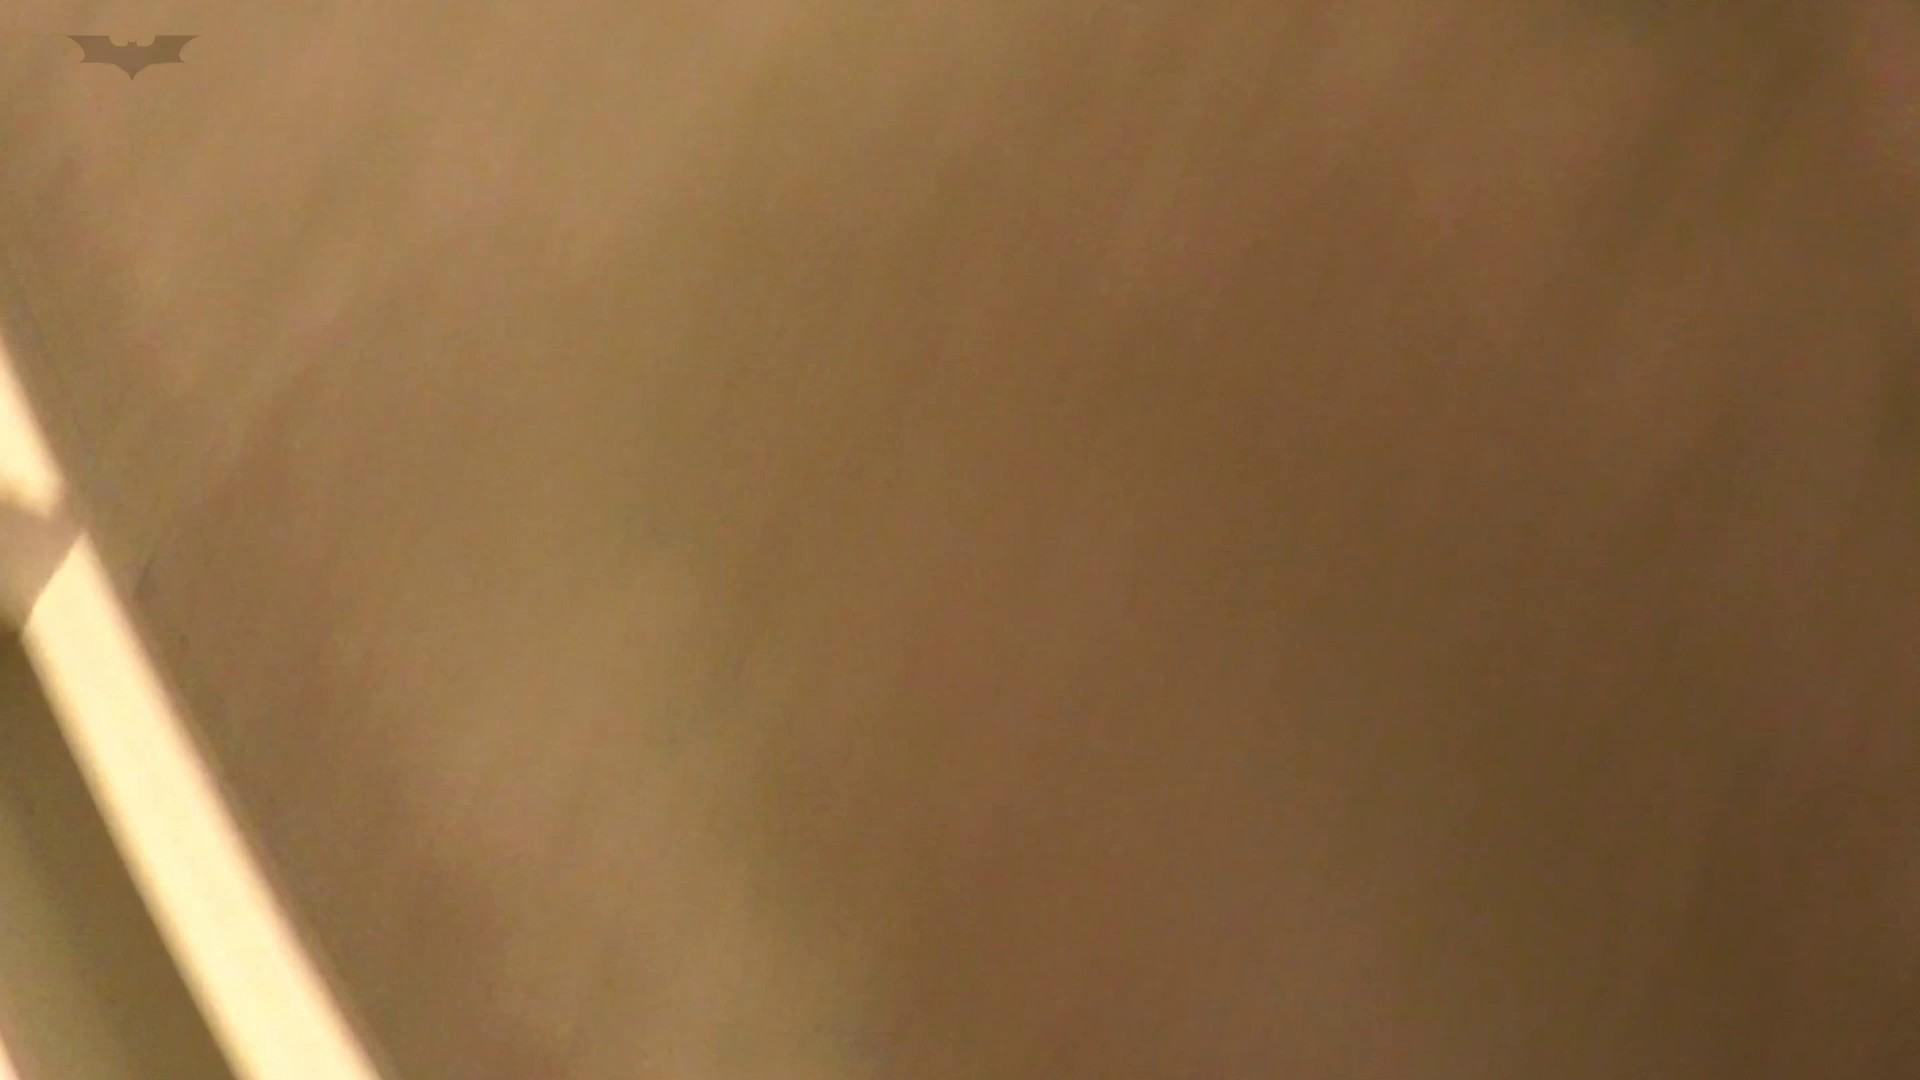 悪戯ネットカフェ Vol14 よく似ているJDにかけちゃった。 イタズラ | 0  93連発 1